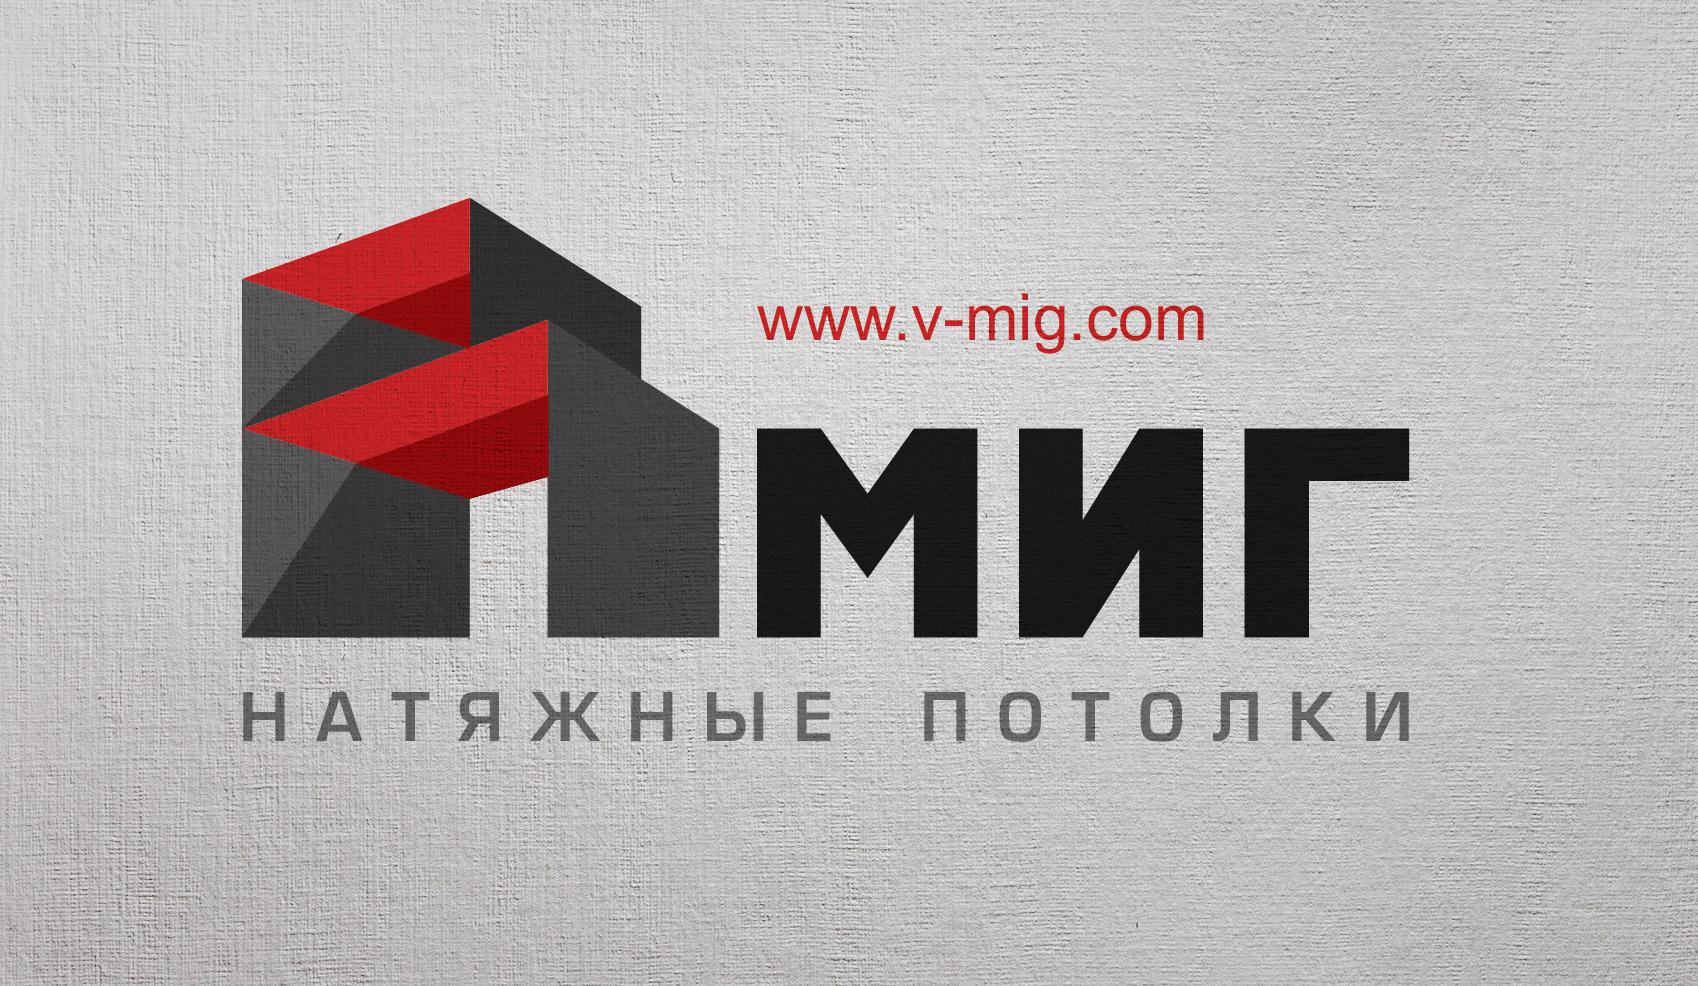 Выбранный заказчиком логотип V-MIG.COM